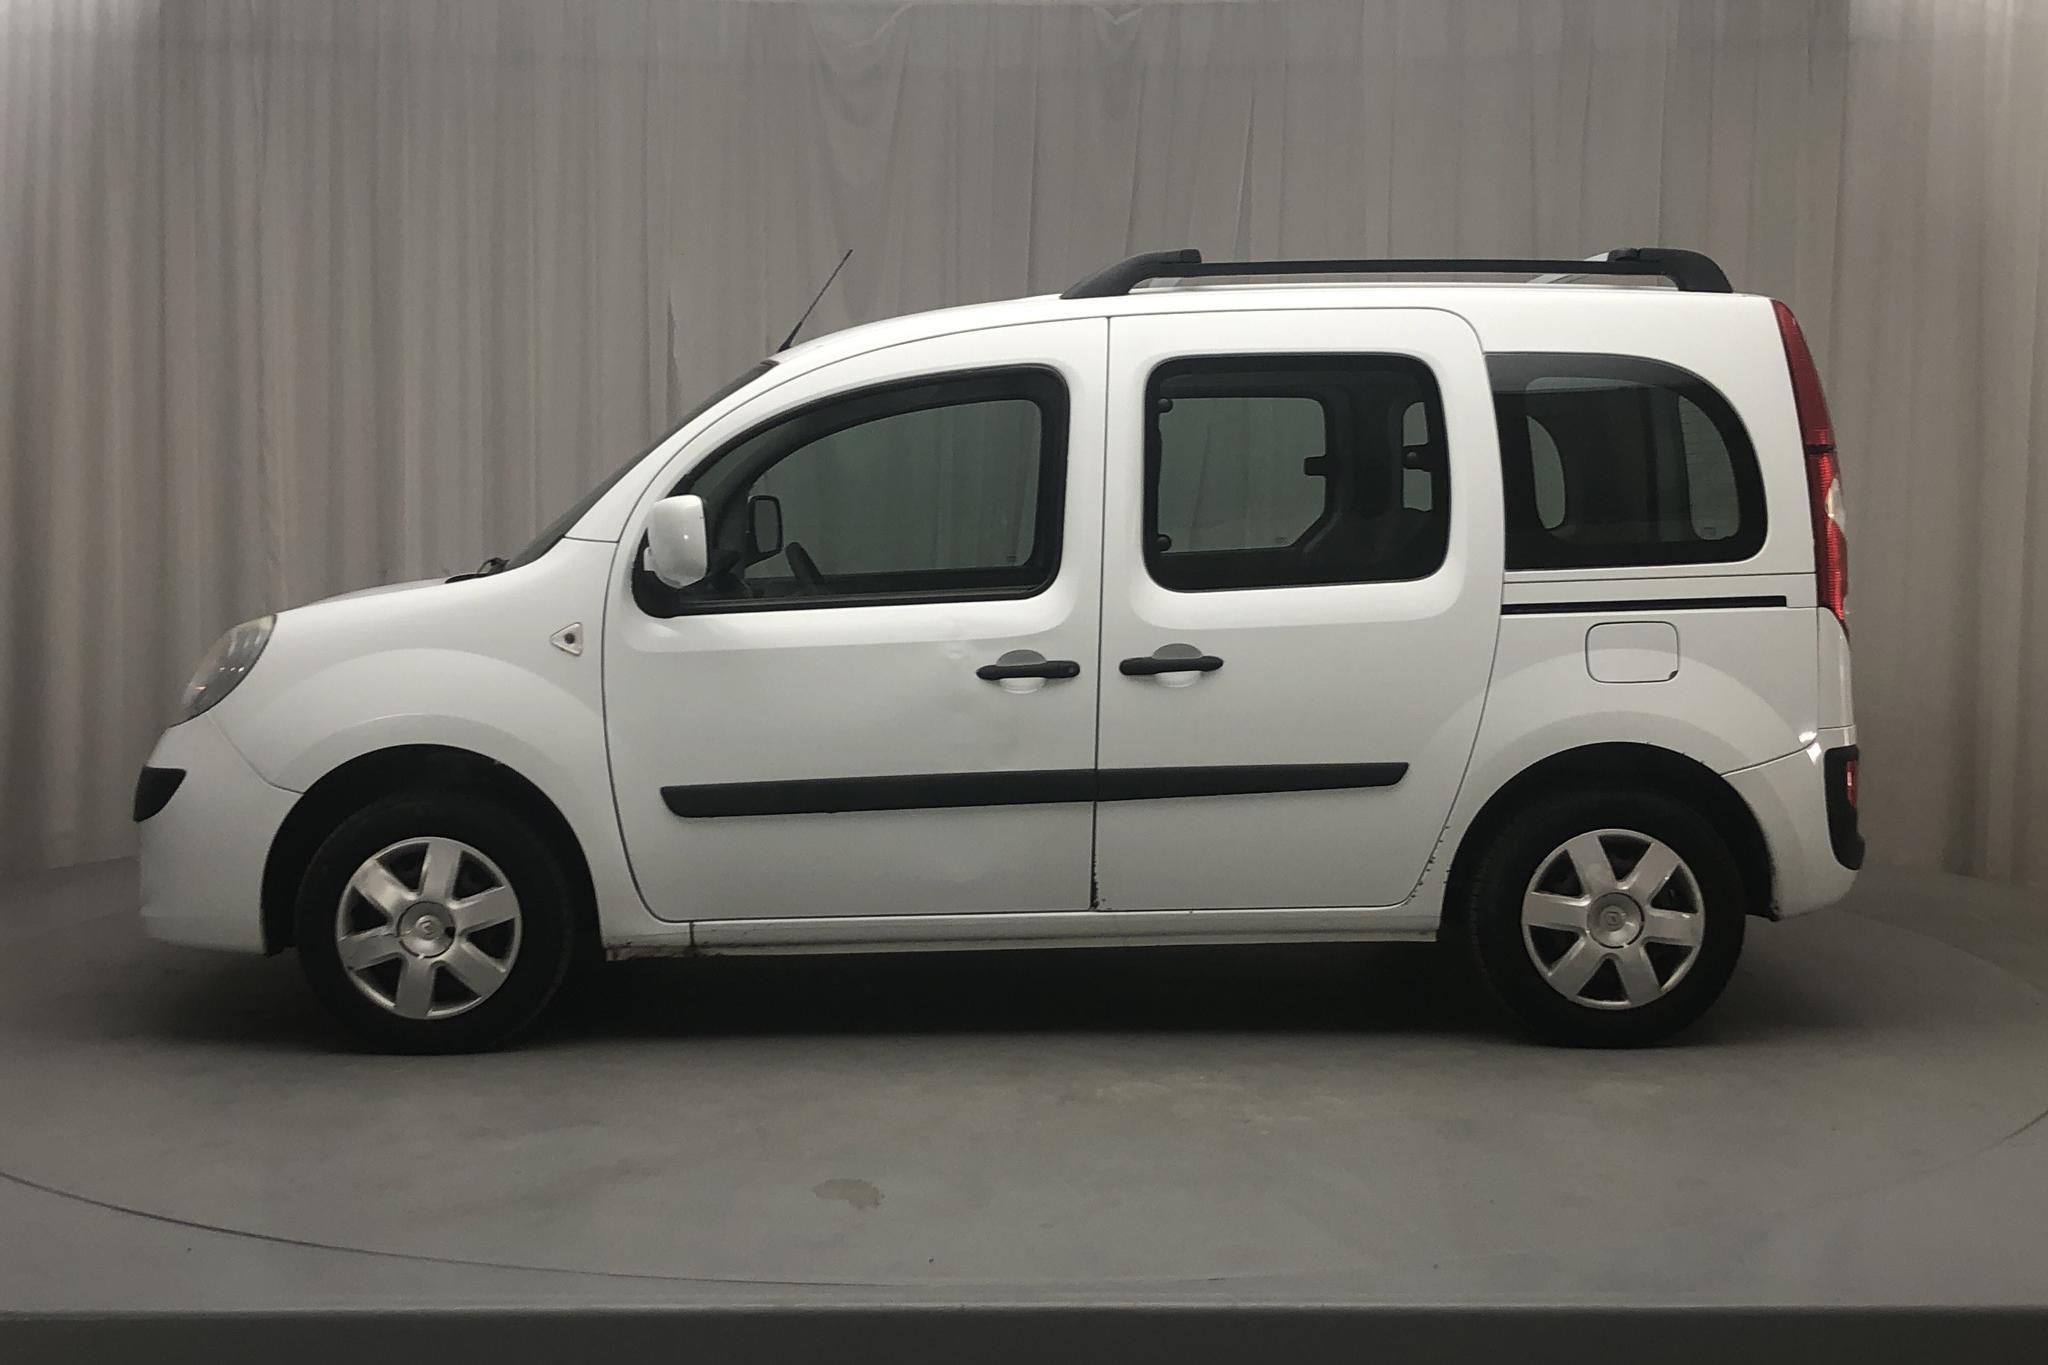 Renault Kangoo Express Passanger II 1.5 dCi FAP (105hk) - 22 189 mil - Manuell - vit - 2010